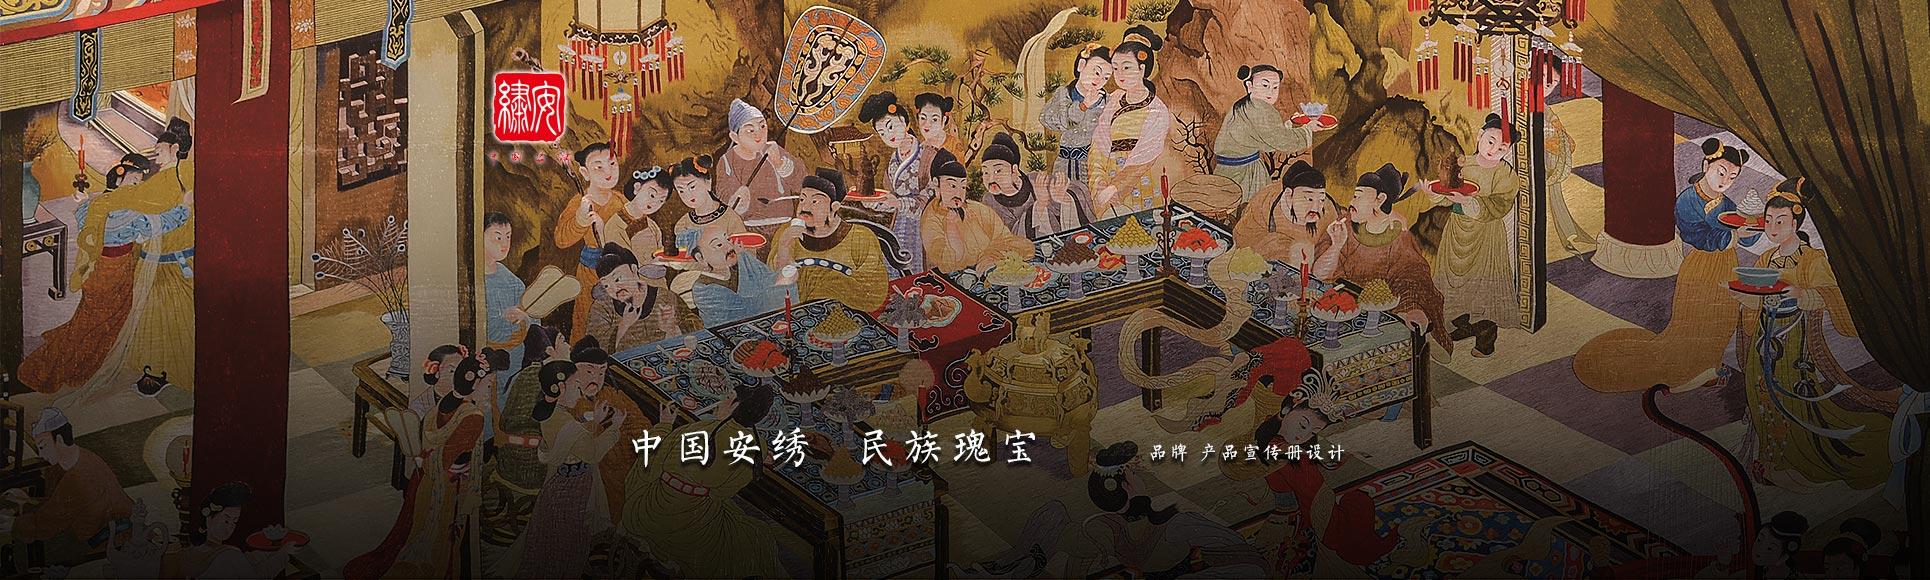 中国安绣民族文化设计